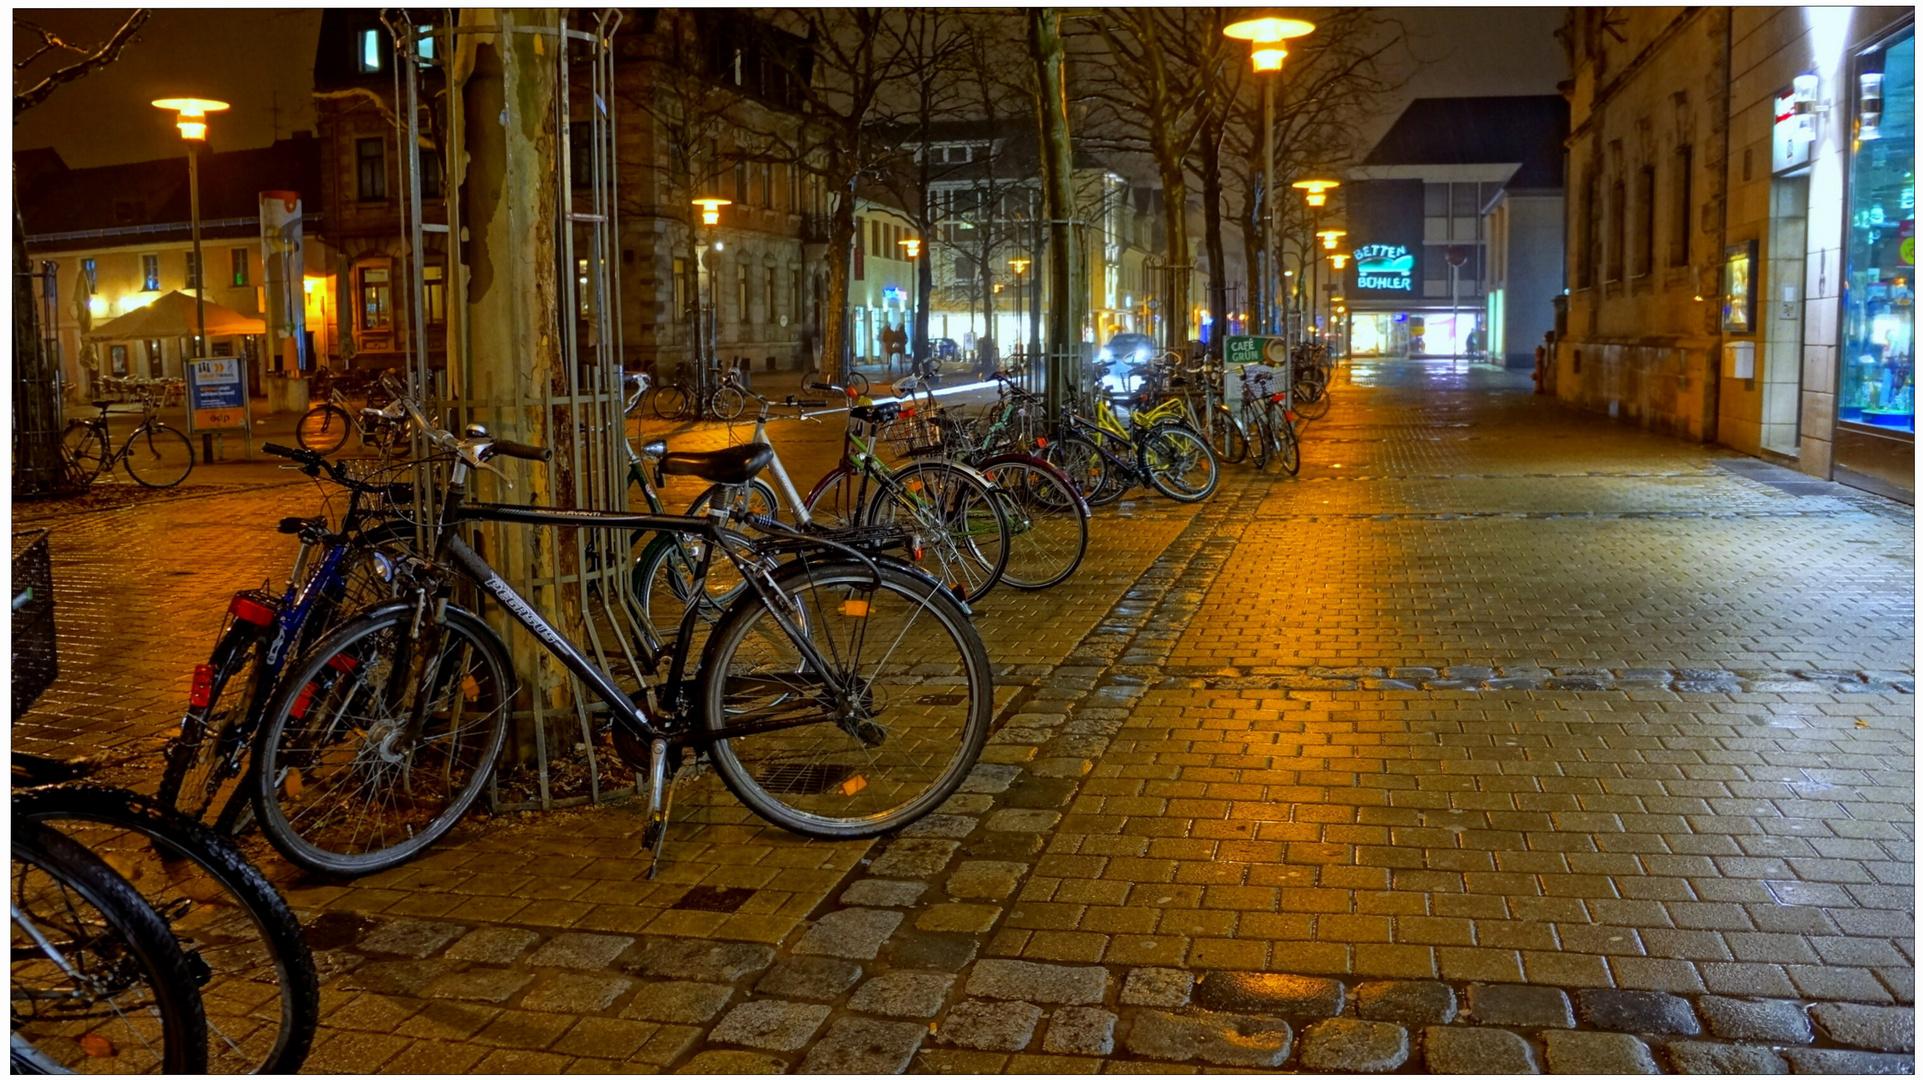 Zu Besuch in Erlangen IV (de visita en Erlangen IV)